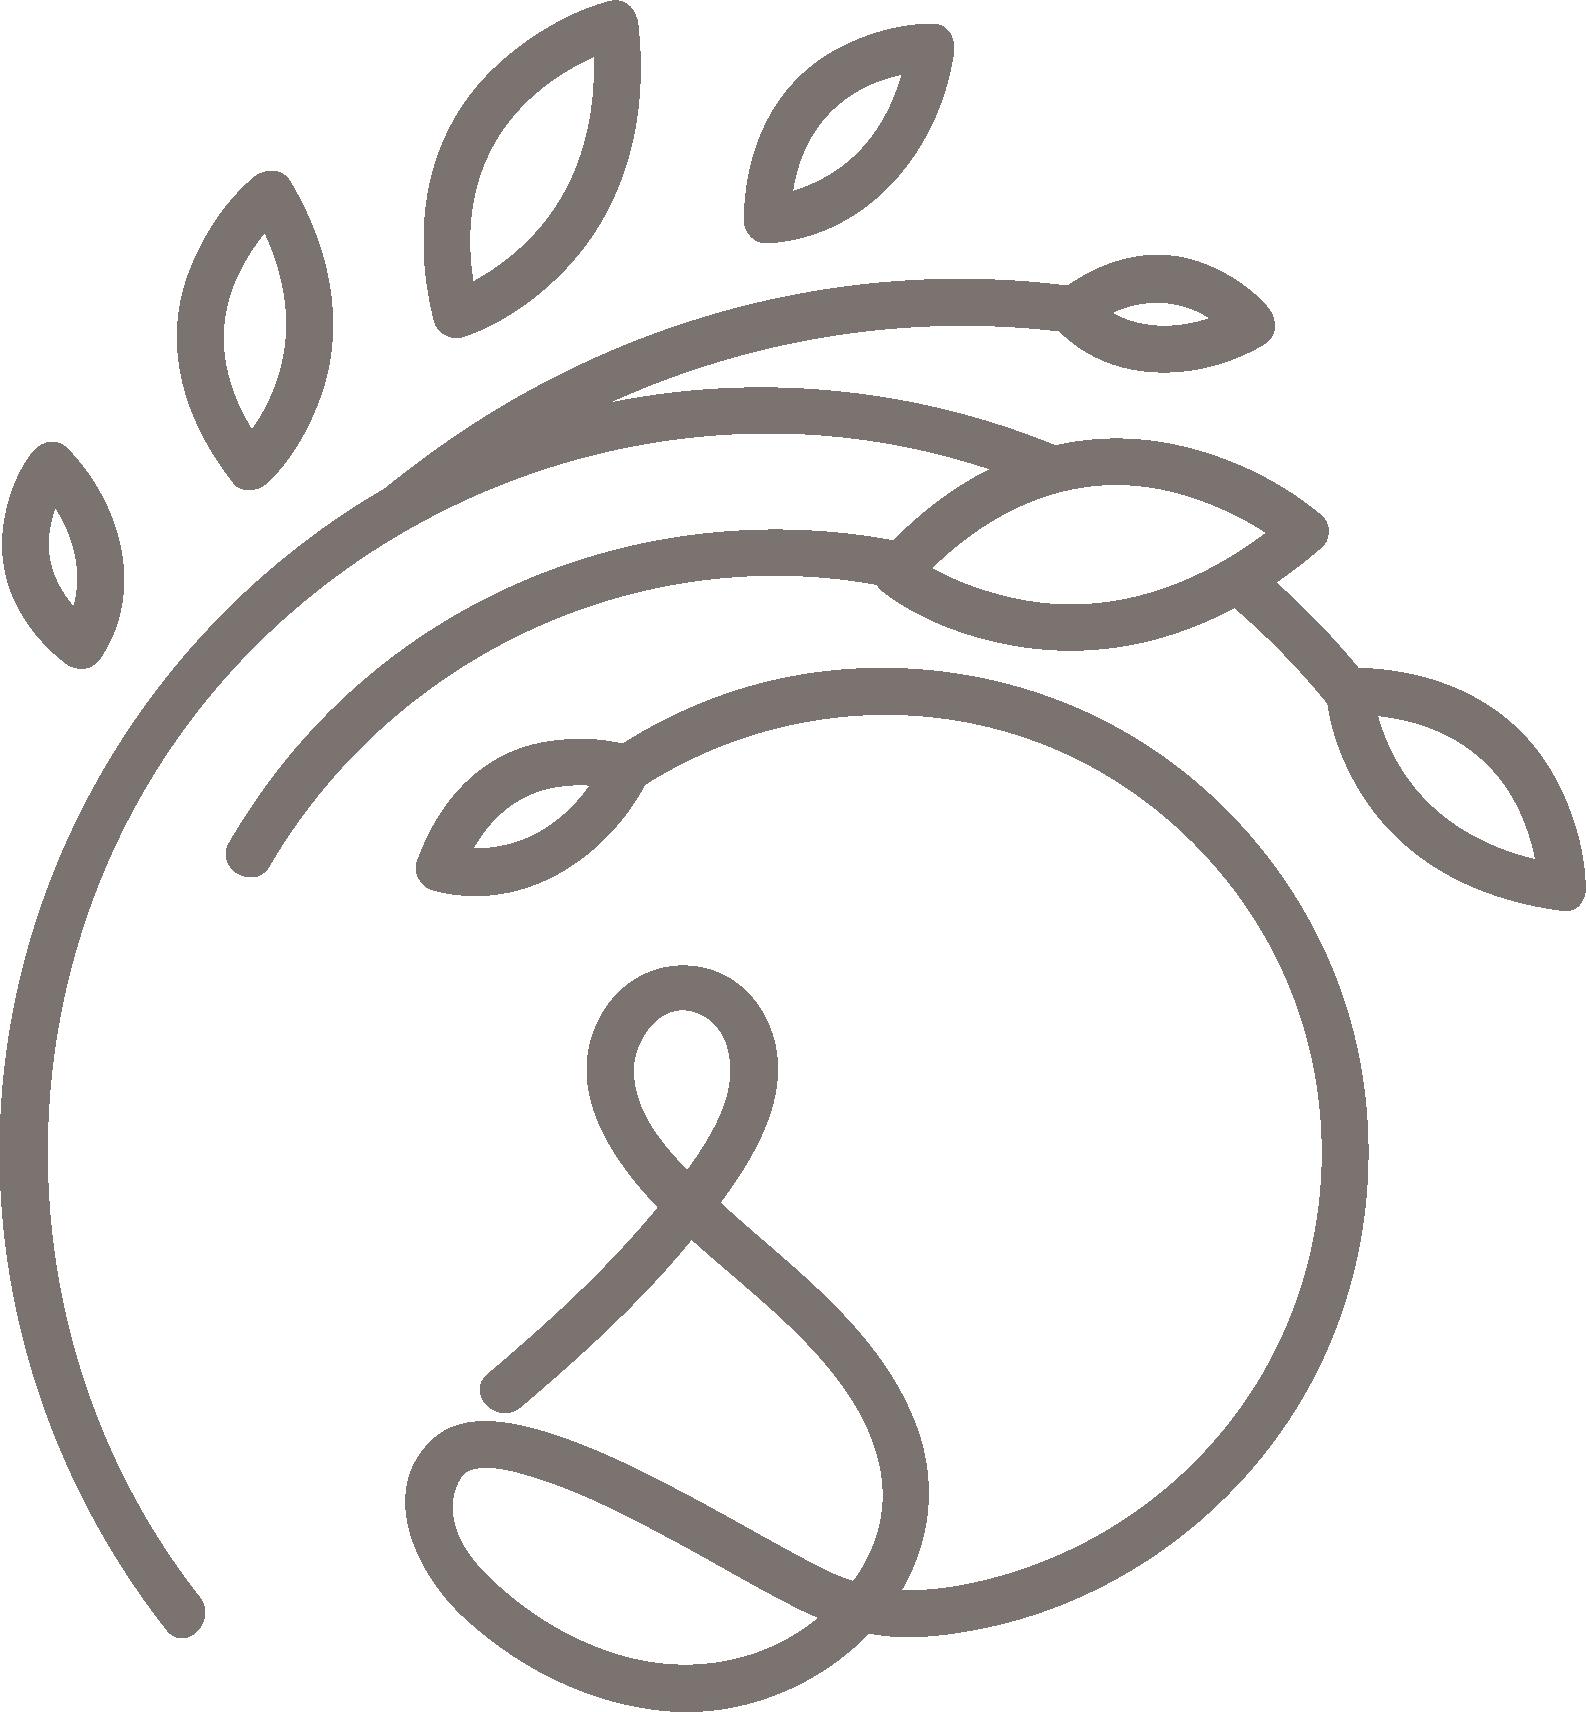 LOGO_Symbol-03.png